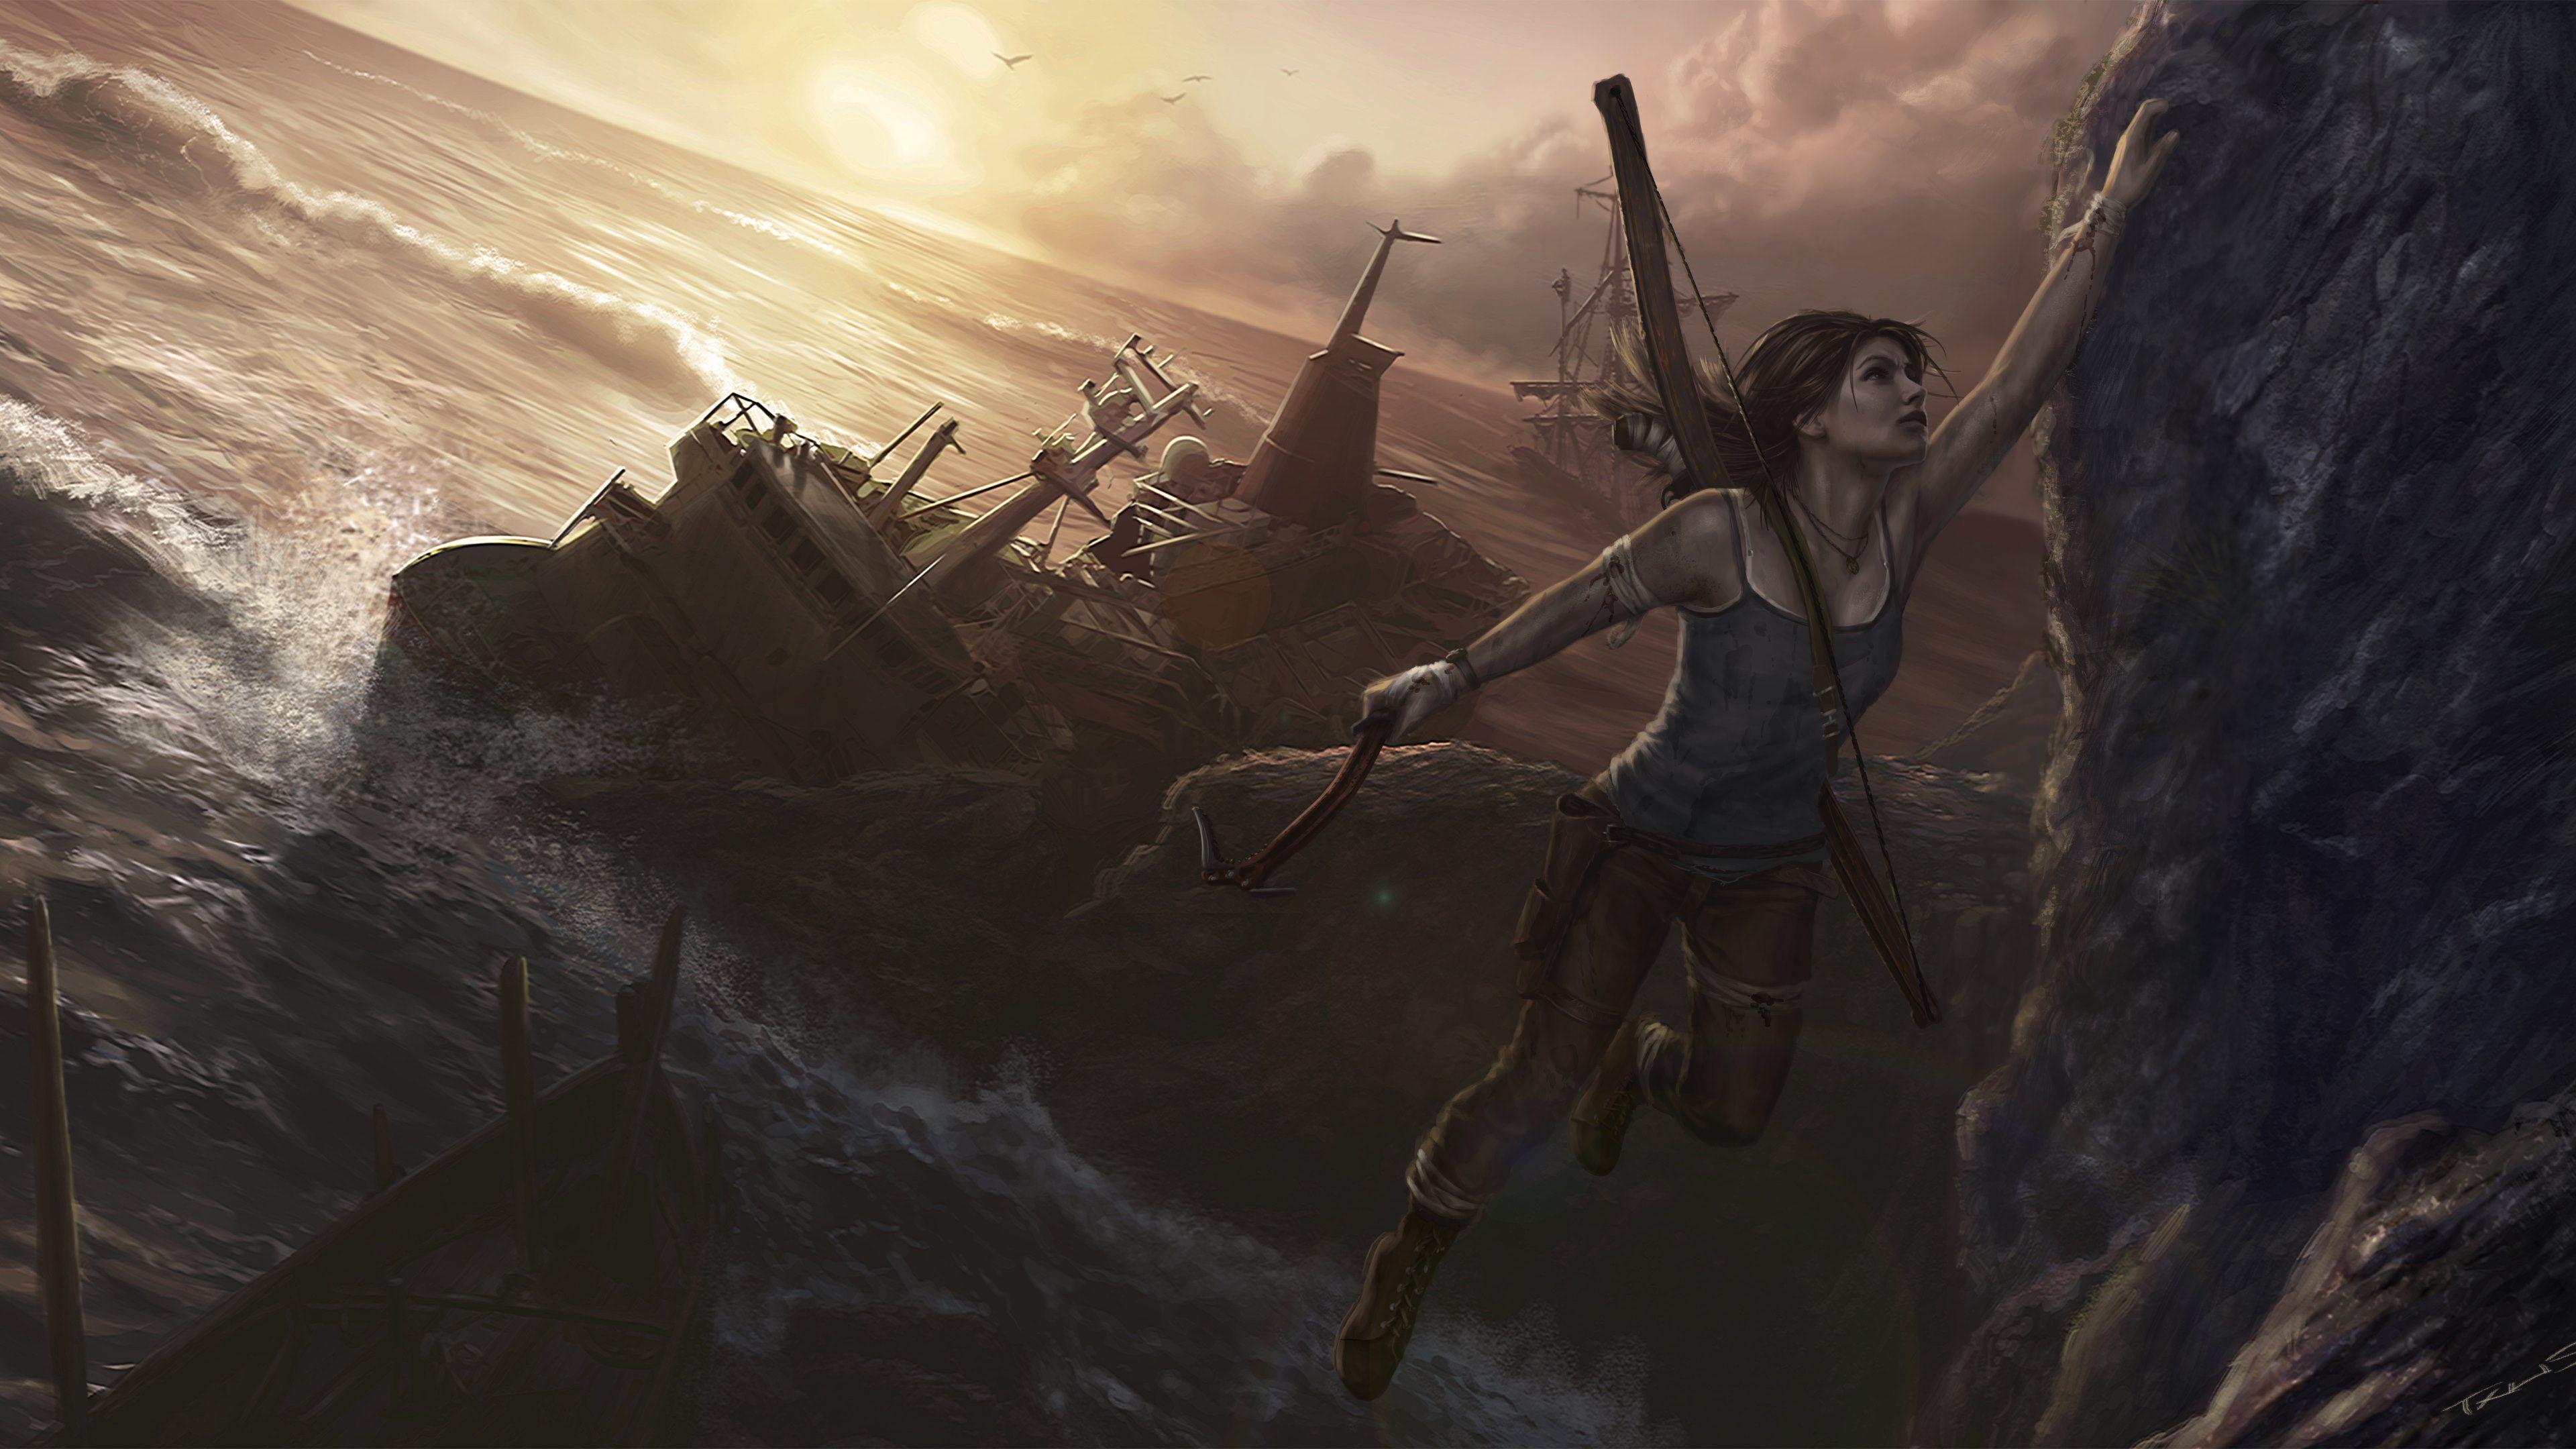 3840x2160 Lara Croft Tomb Raider Artwork 4k Hd 4k: Tomb Raider 2016 Wallpapers HD